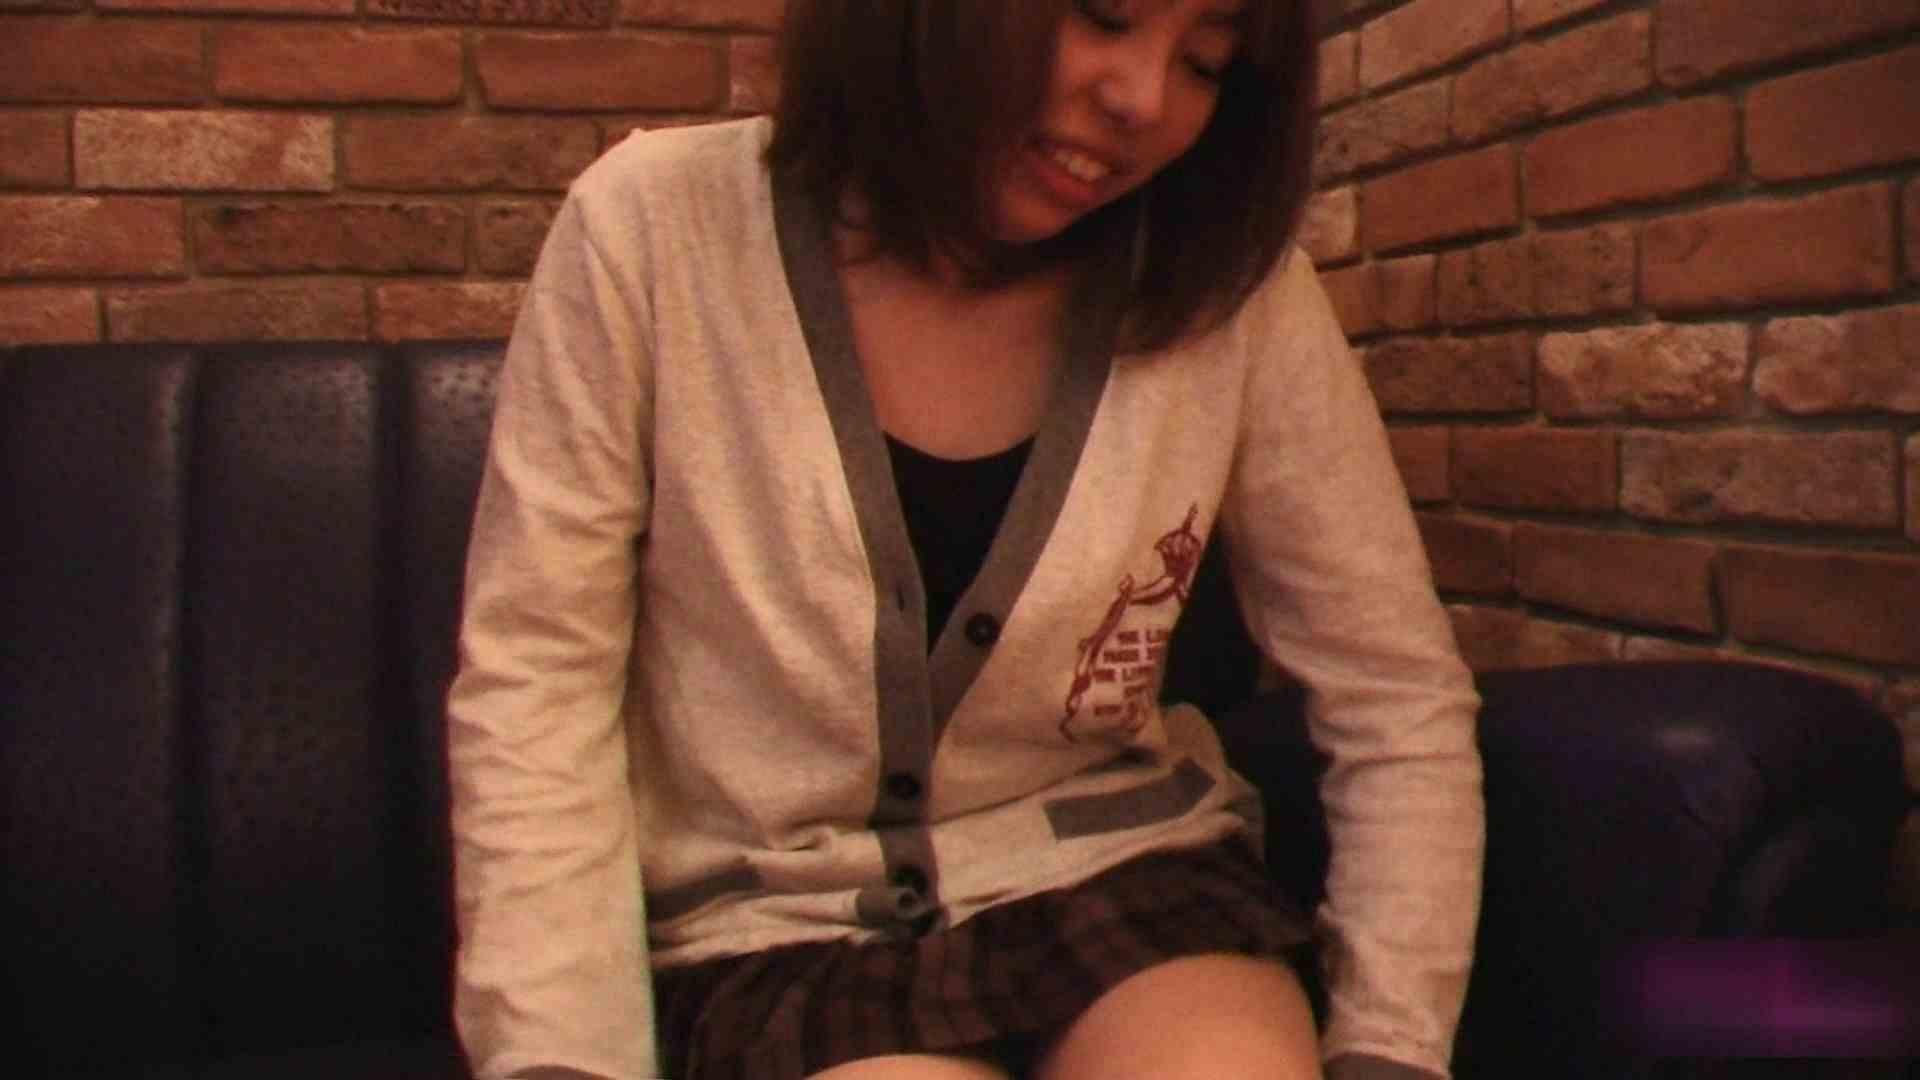 おしえてギャル子のH塾 Vol.13 前編 OLのボディ   ギャル盗撮映像  61PIX 13